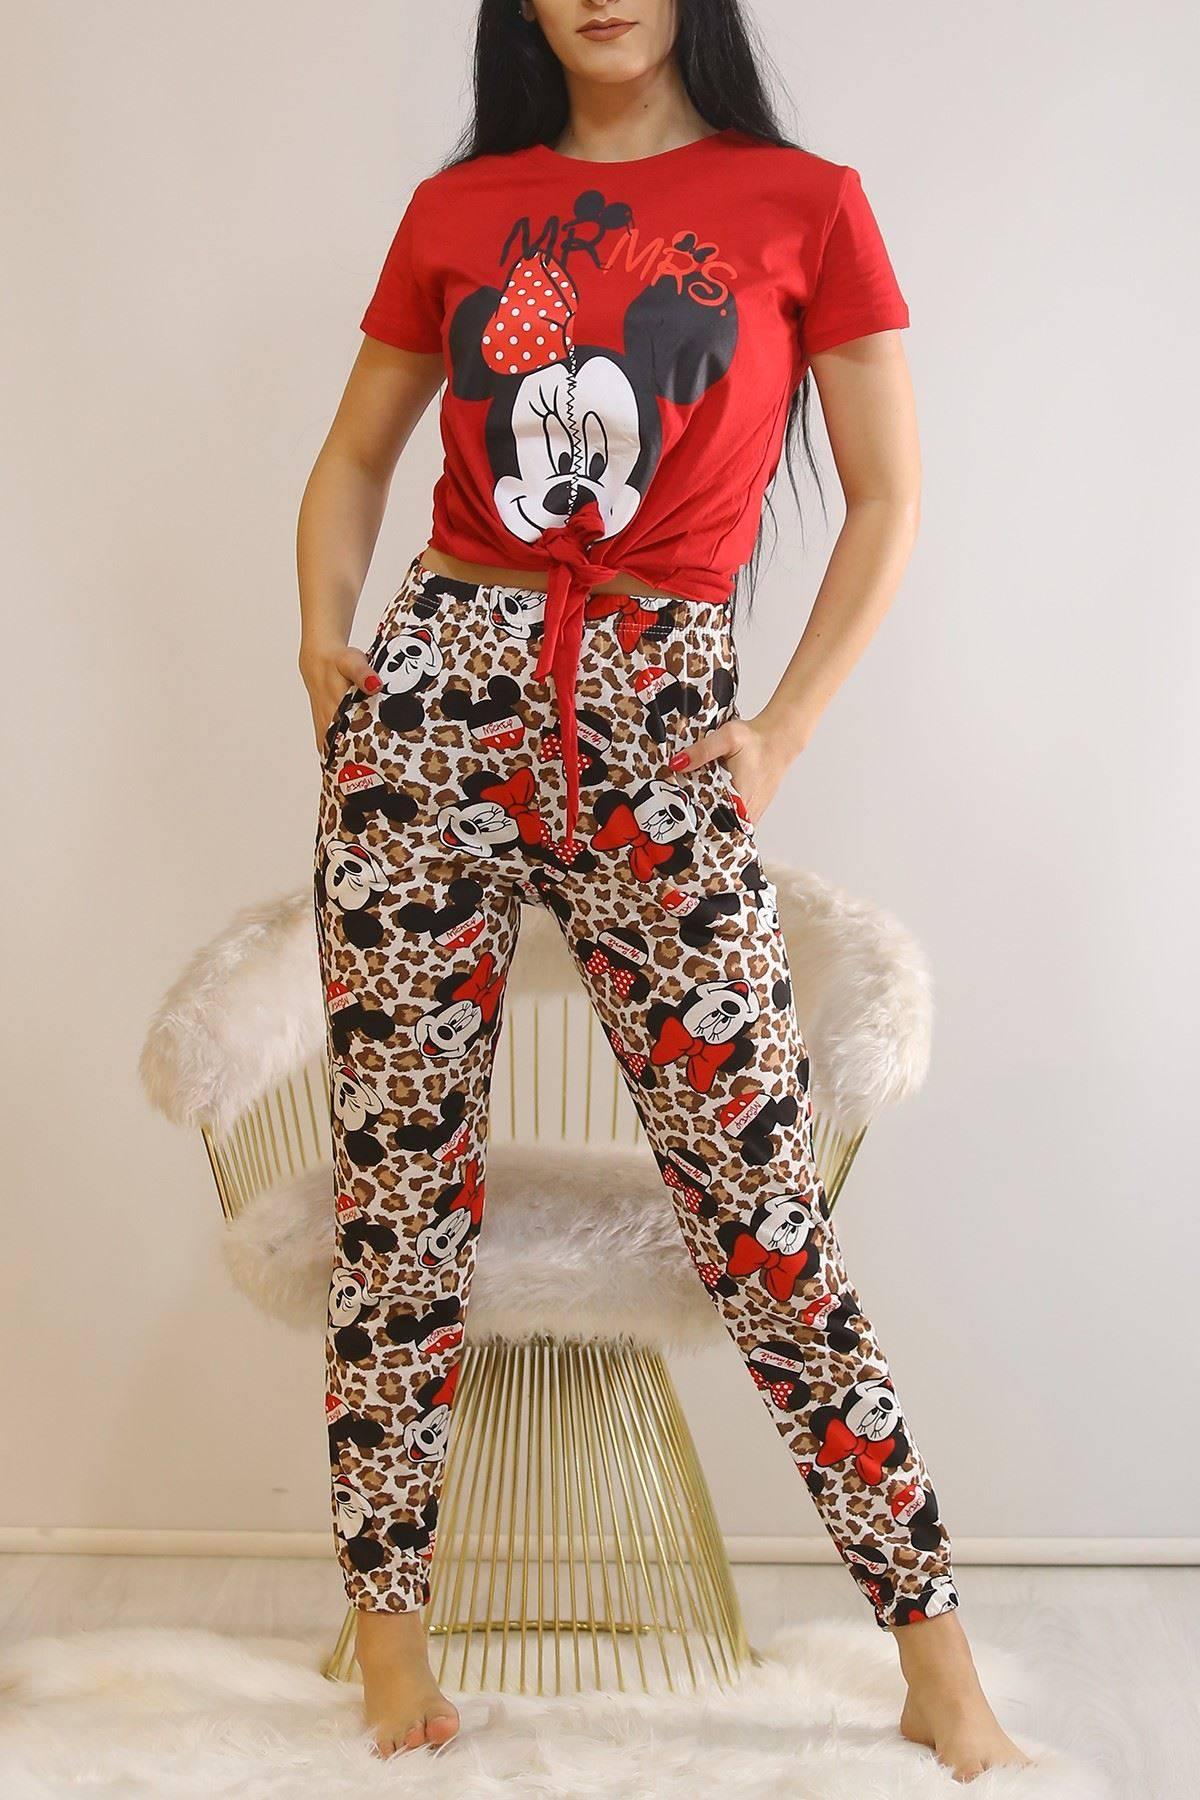 Bağlamalı Pijama Takımı Kırmızı1 - 5991.1059.